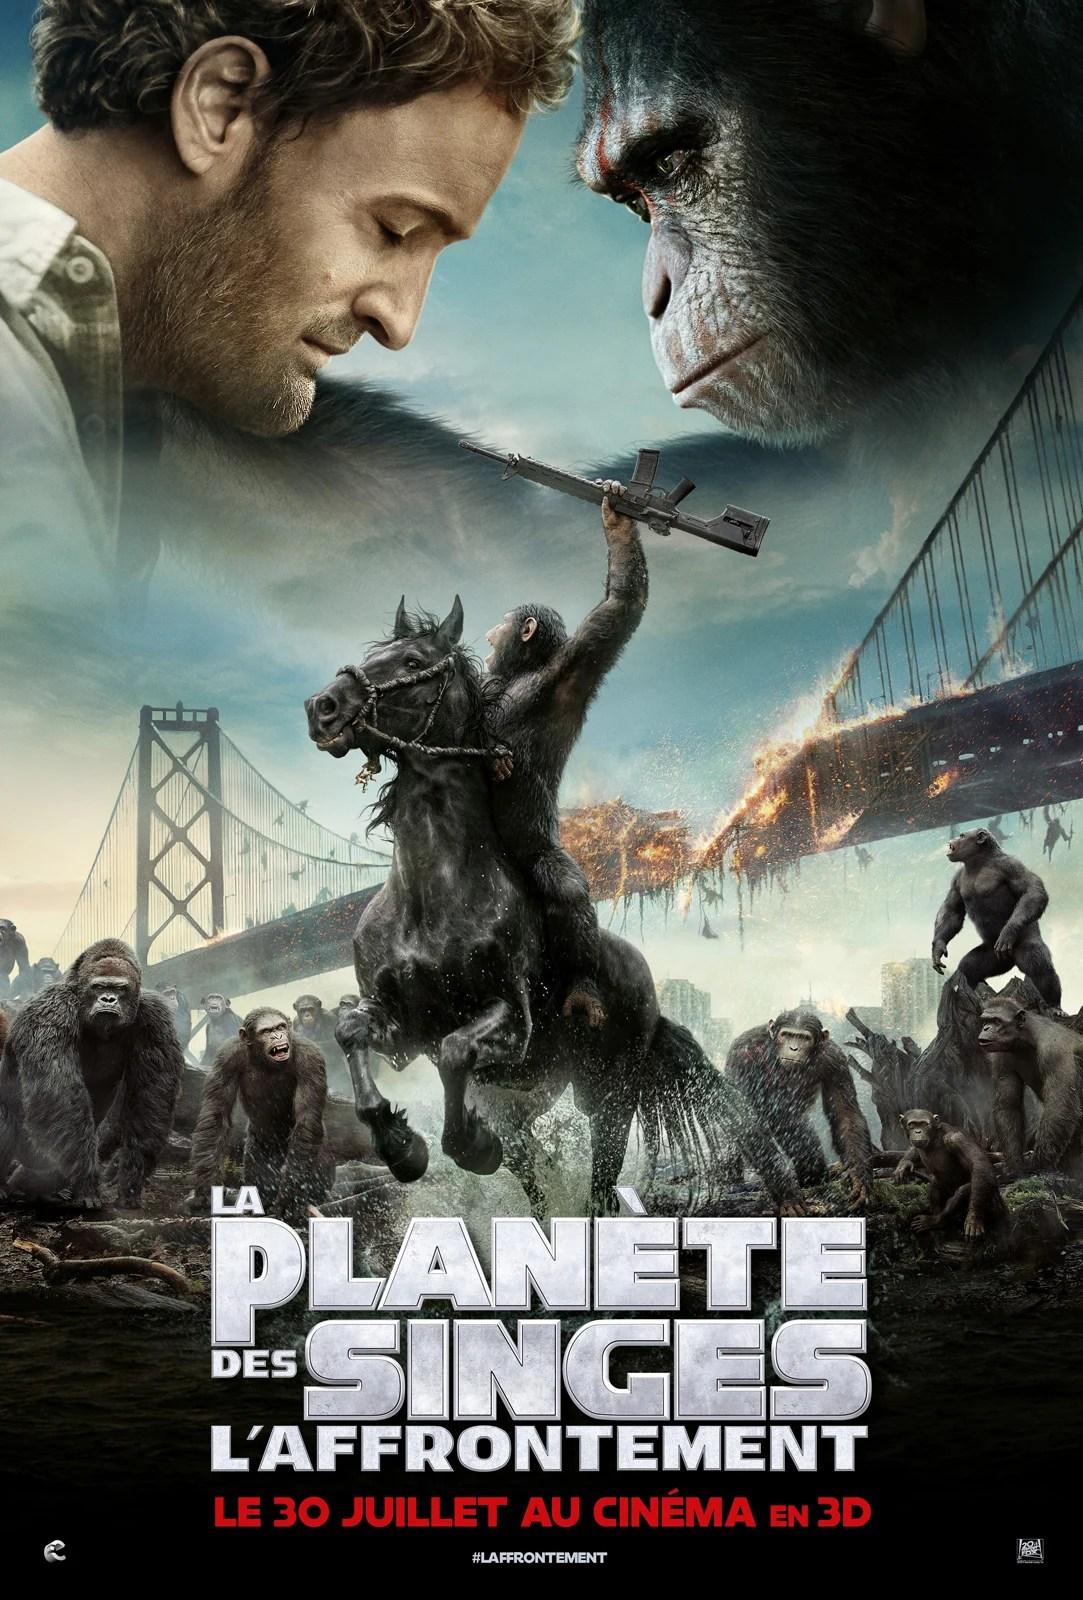 La Planète Des Singes : L'affrontement : planète, singes, l'affrontement, Achat, Planète, Singes, L'affrontement, AlloCiné